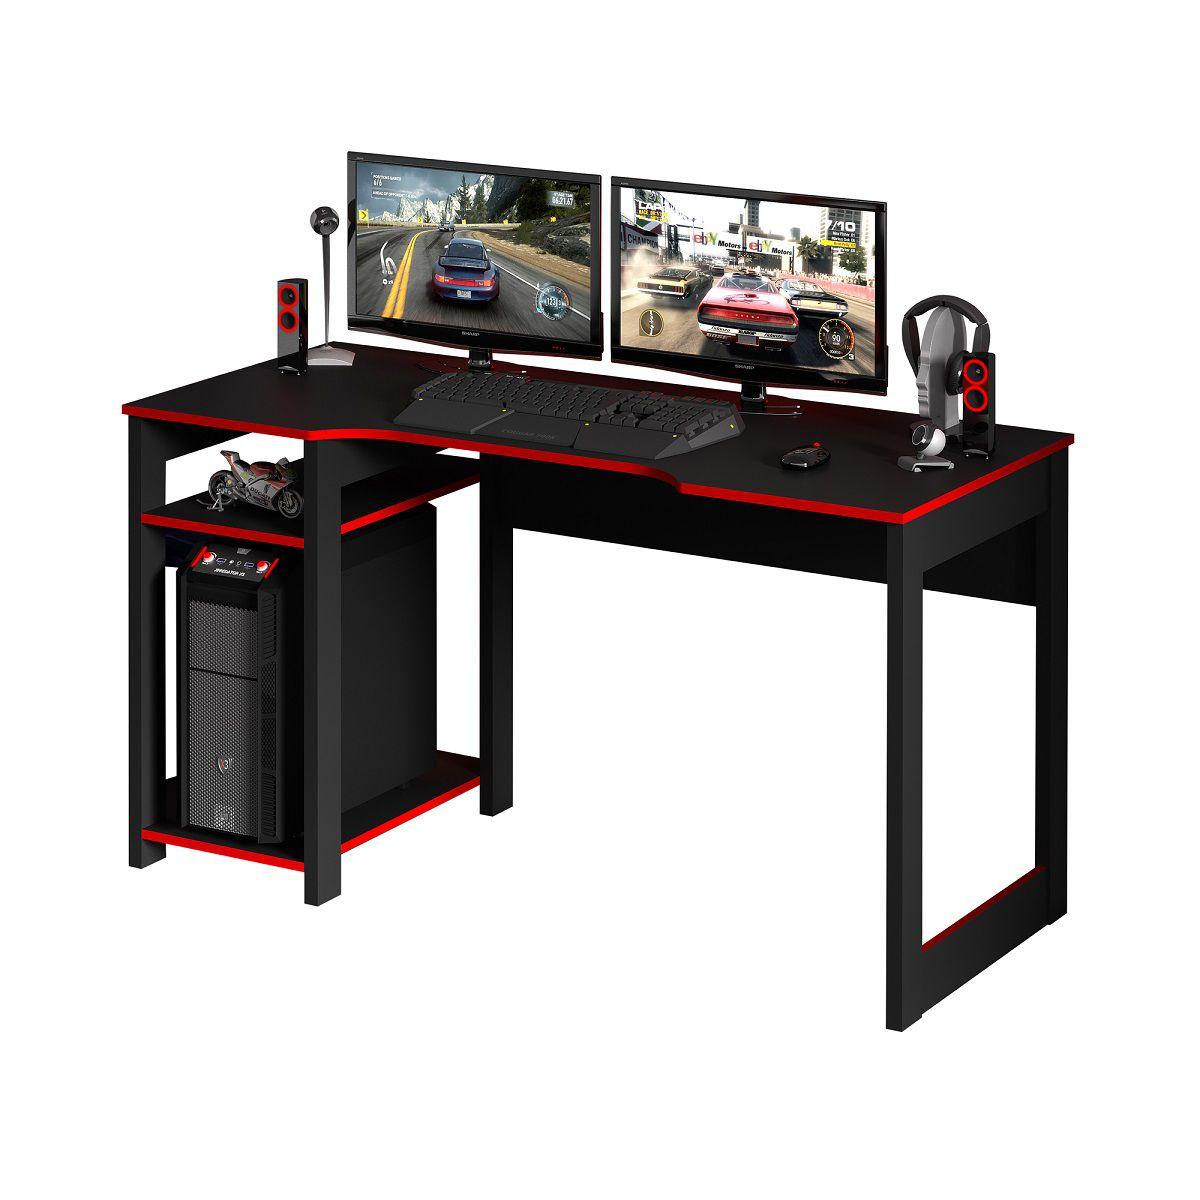 Mesa para Computador Desk Gamer ME4152 Preto e Vermelho